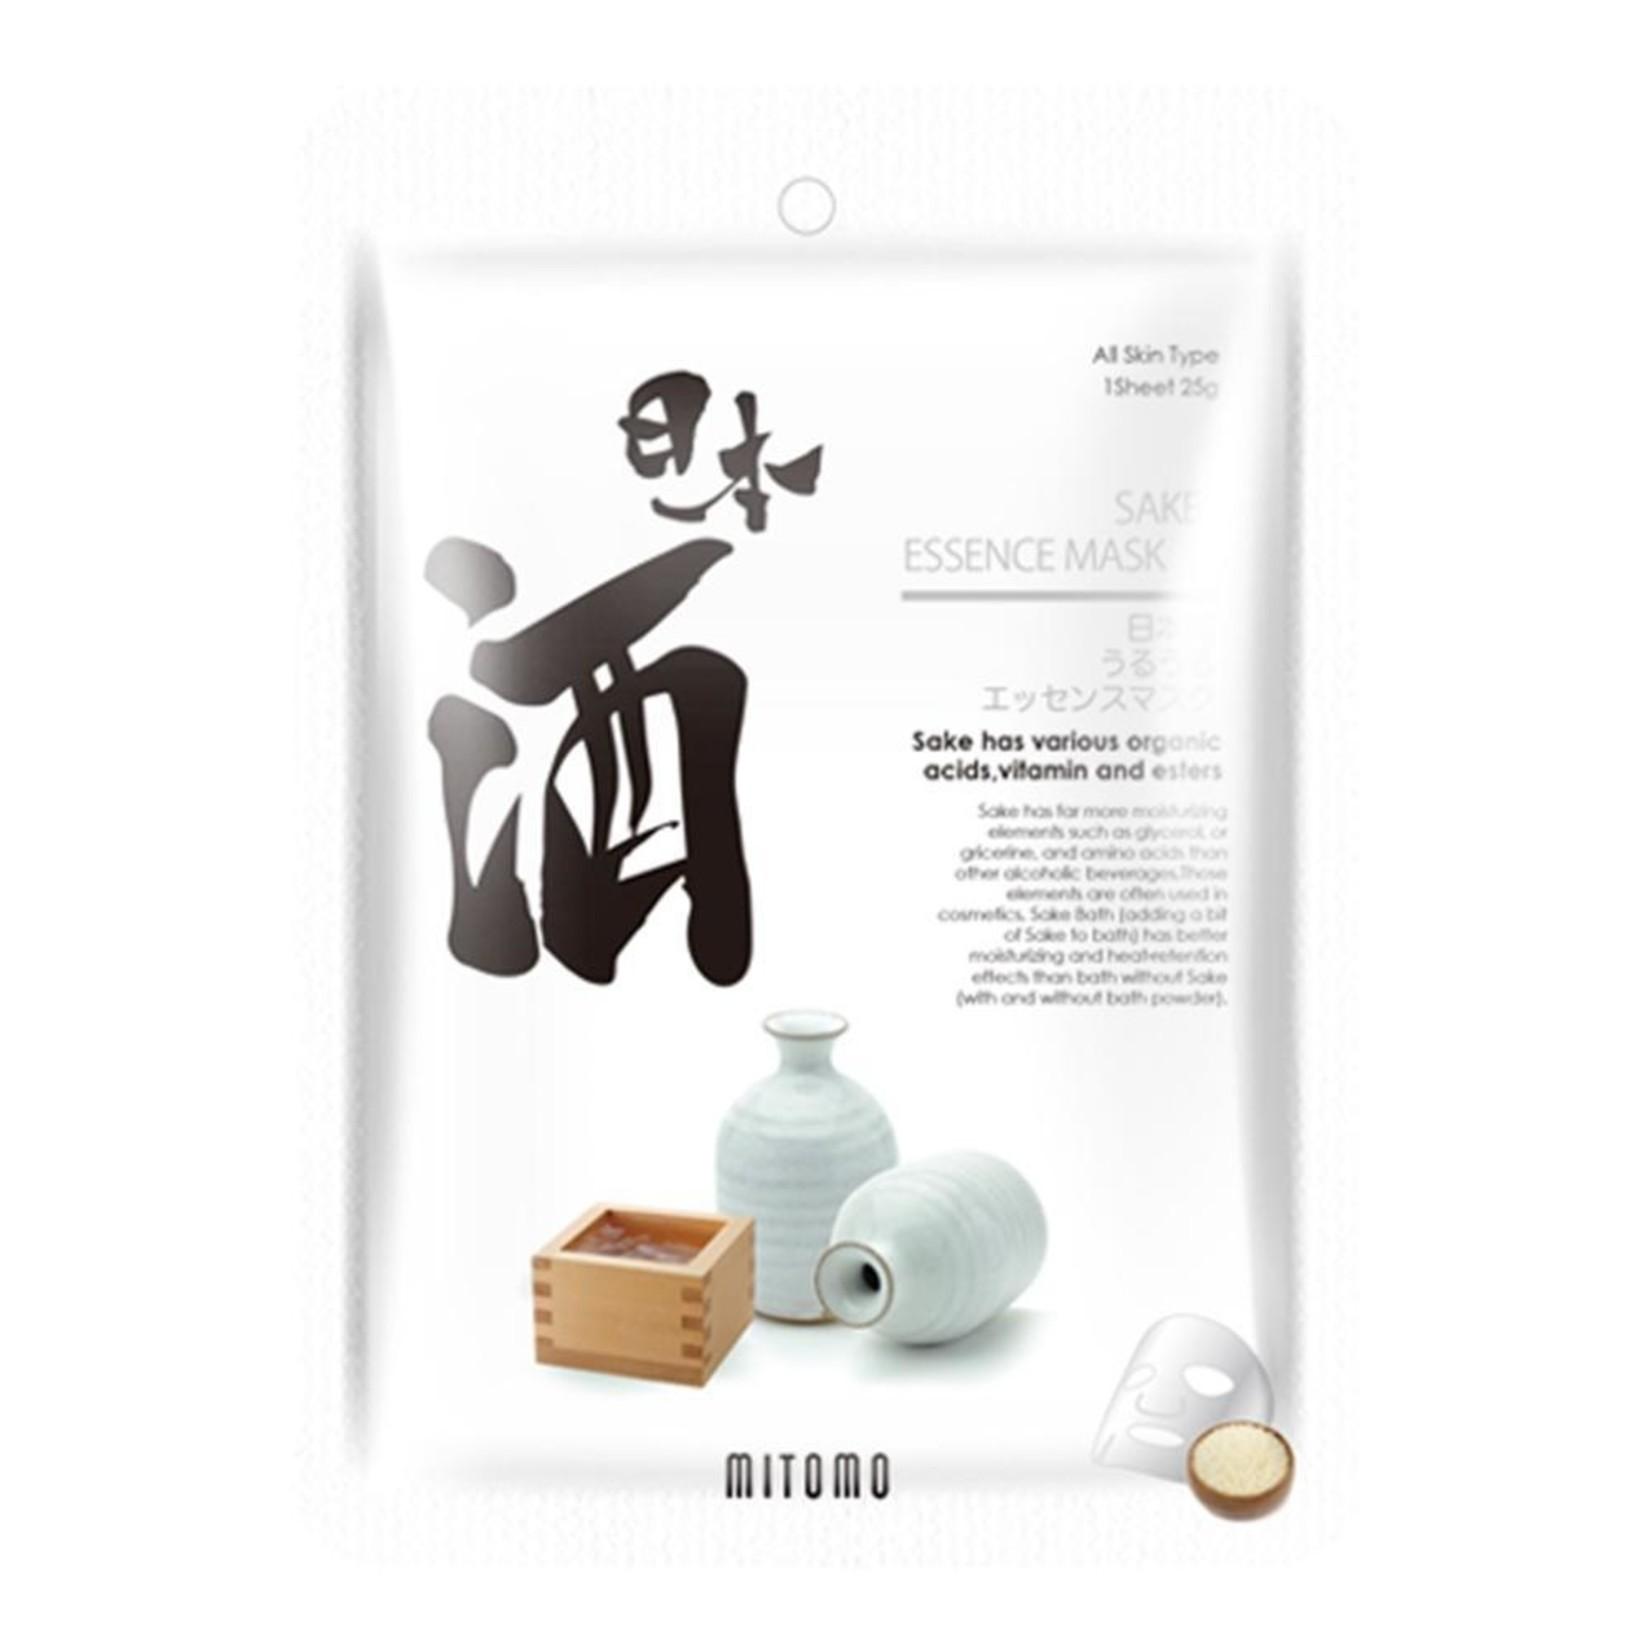 MITOMO Sake Facial Essence Mask